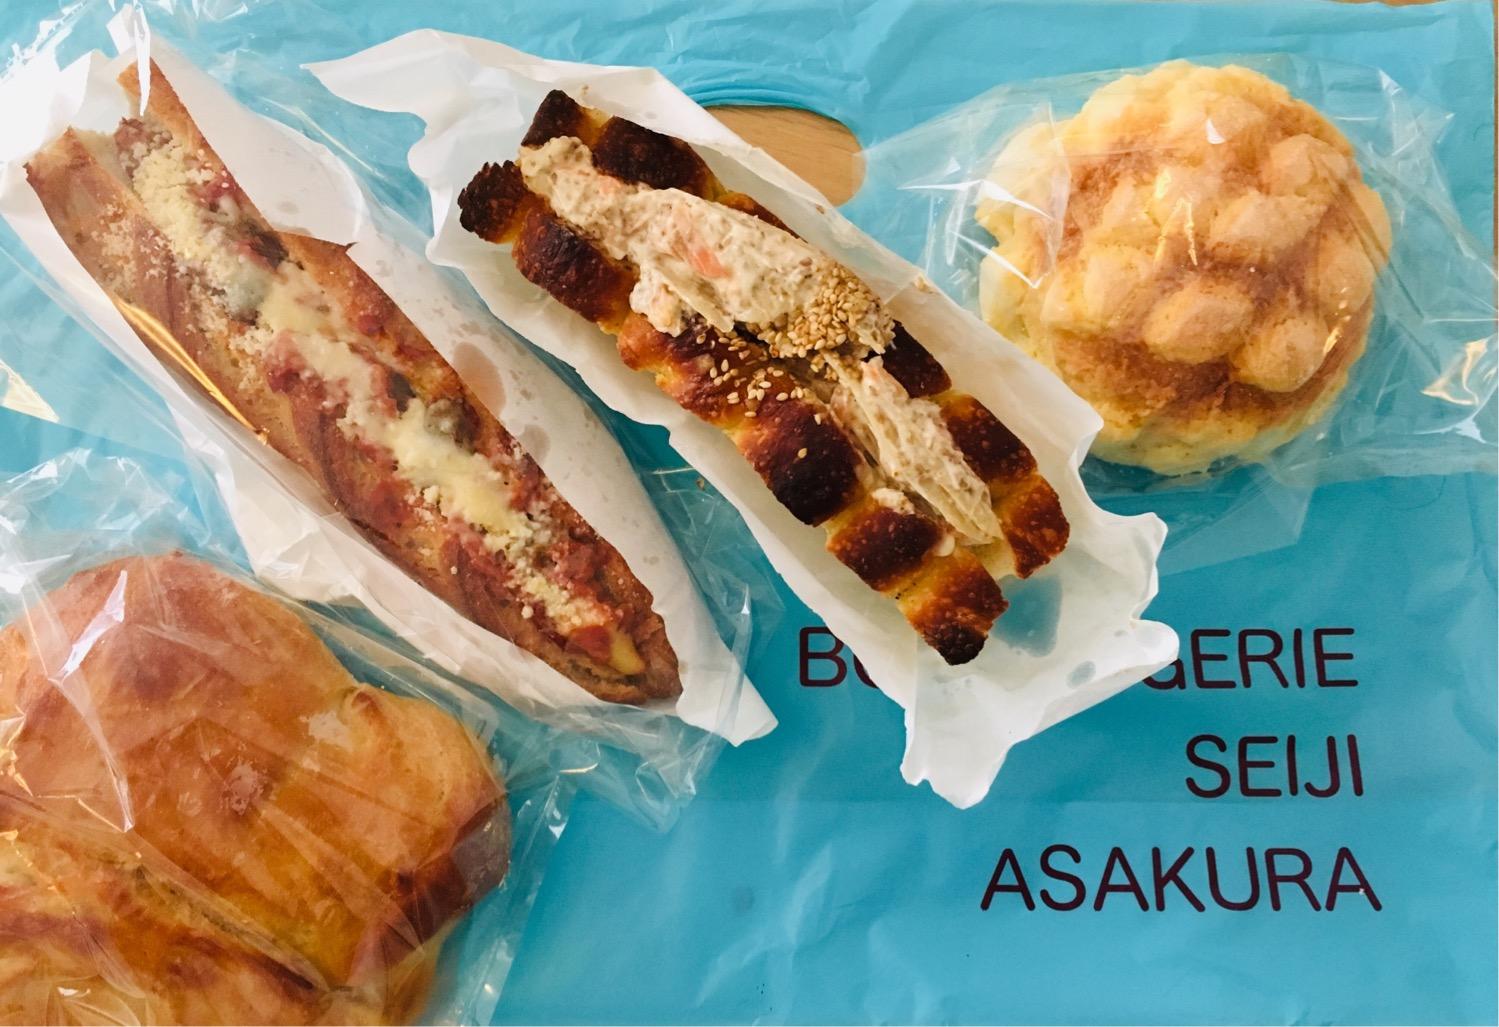 高輪ゲートウェイのパン屋おすすめ★セイジアサクラは連日行列の絶品揃い